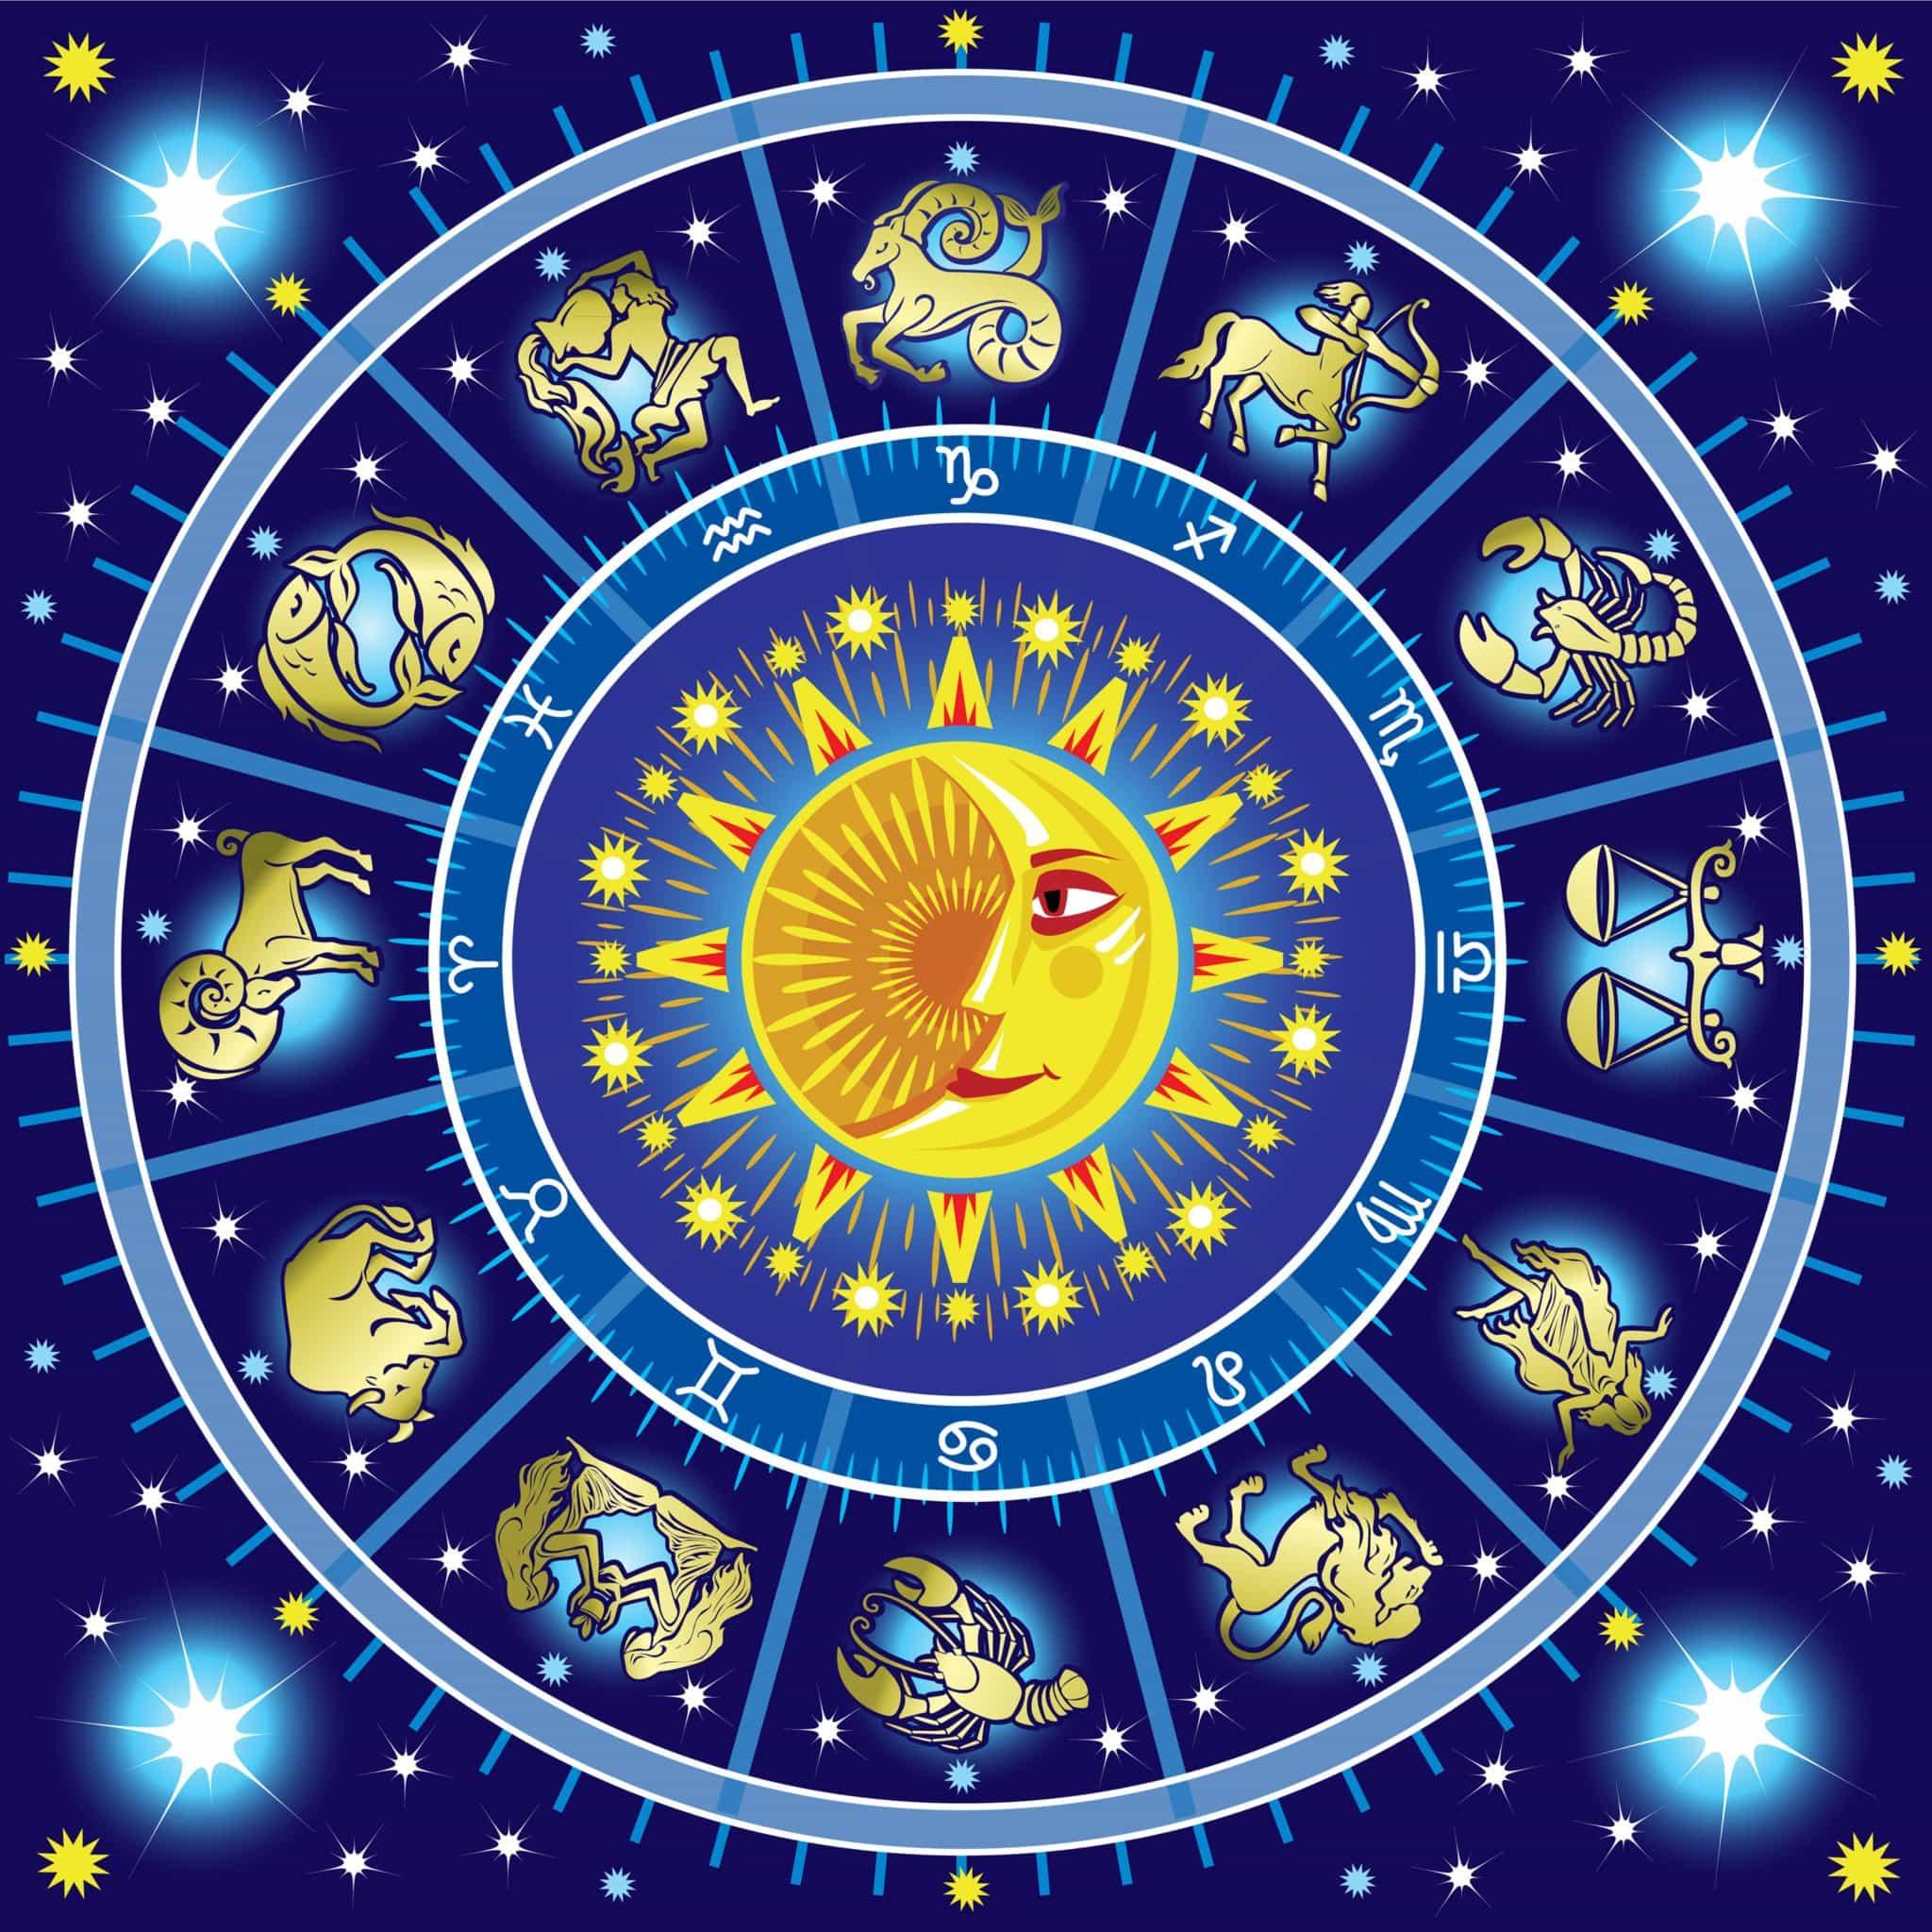 Совместимость знаков Зодиака в любви - счастливые отношения